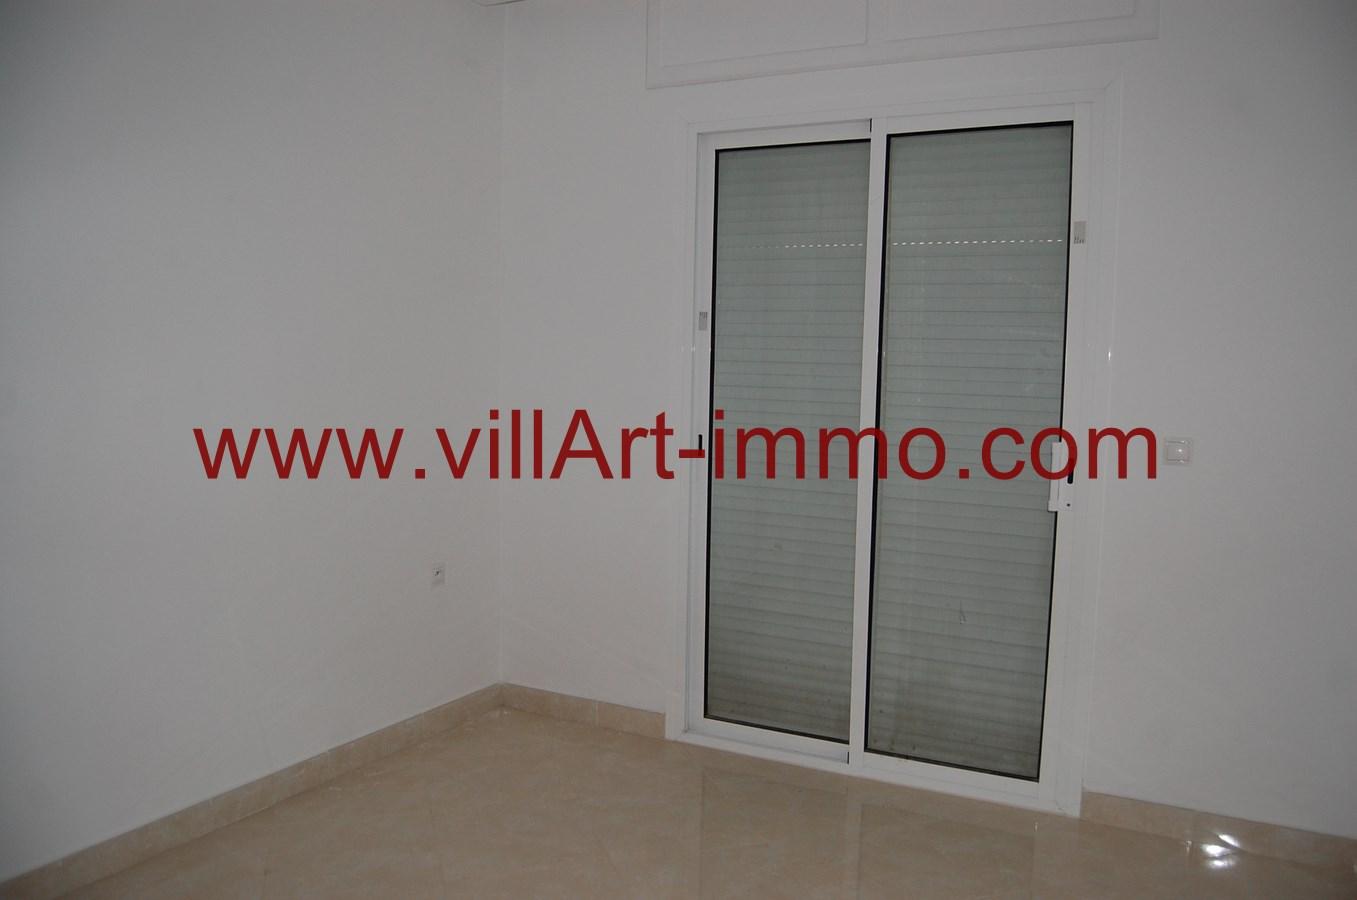 8-a-louer-appartement-non-meuble-tanger-chambre-2-l881-villart-immo